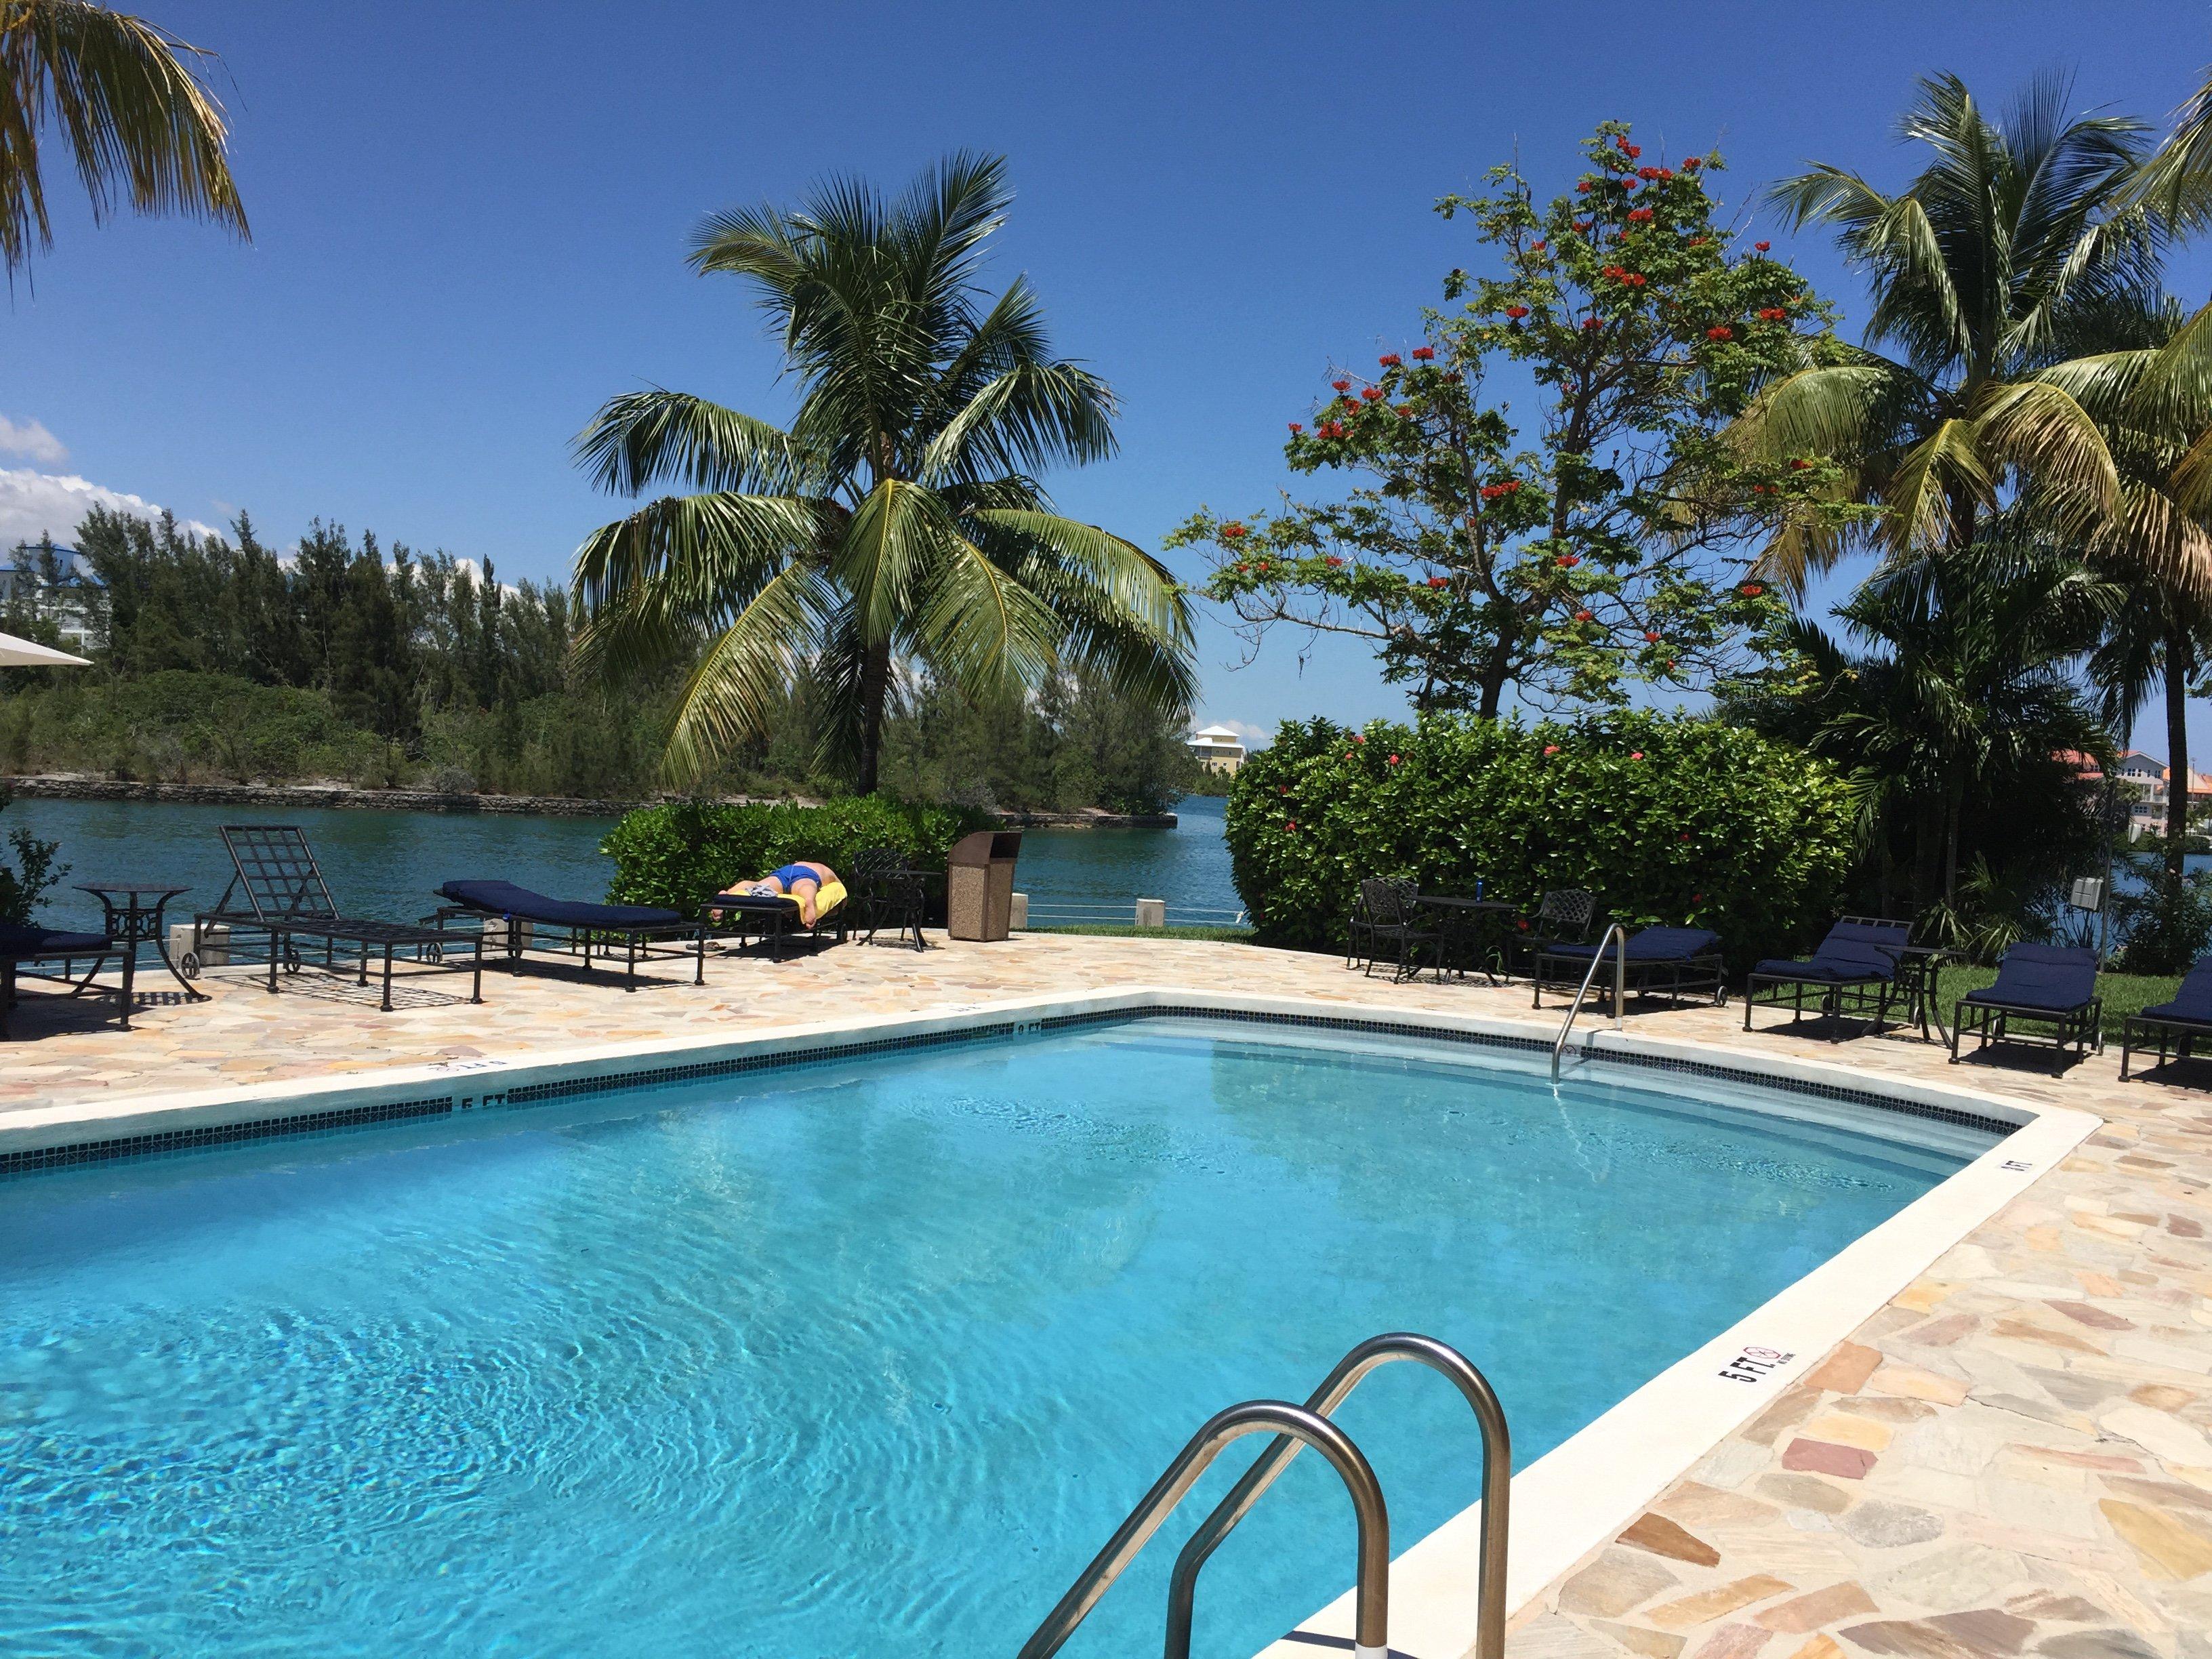 Bahama Cruise Packages Bahamas Party Cruise Spring Break